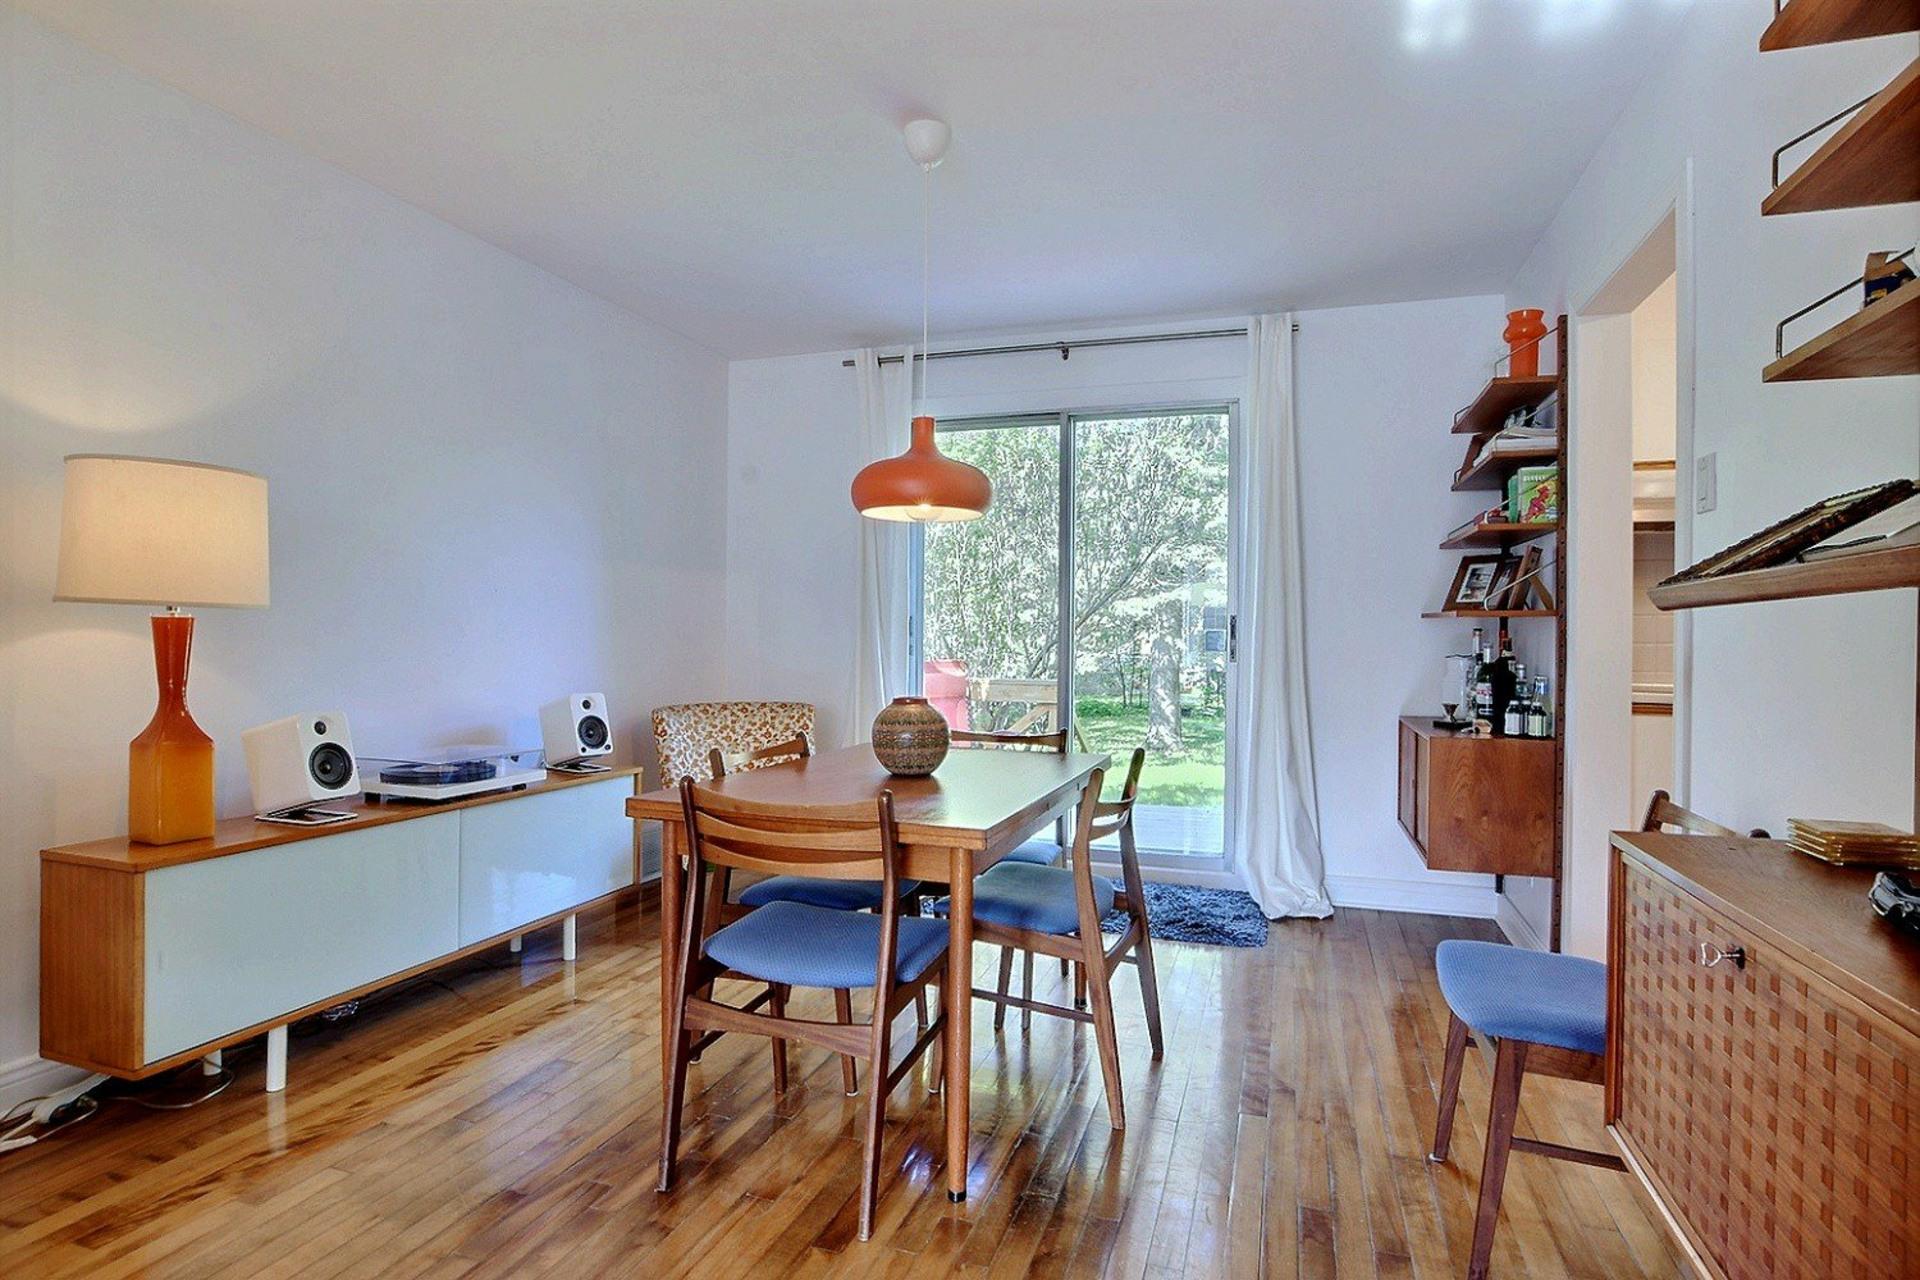 image 7 - House For sale Montréal Lachine  - 10 rooms